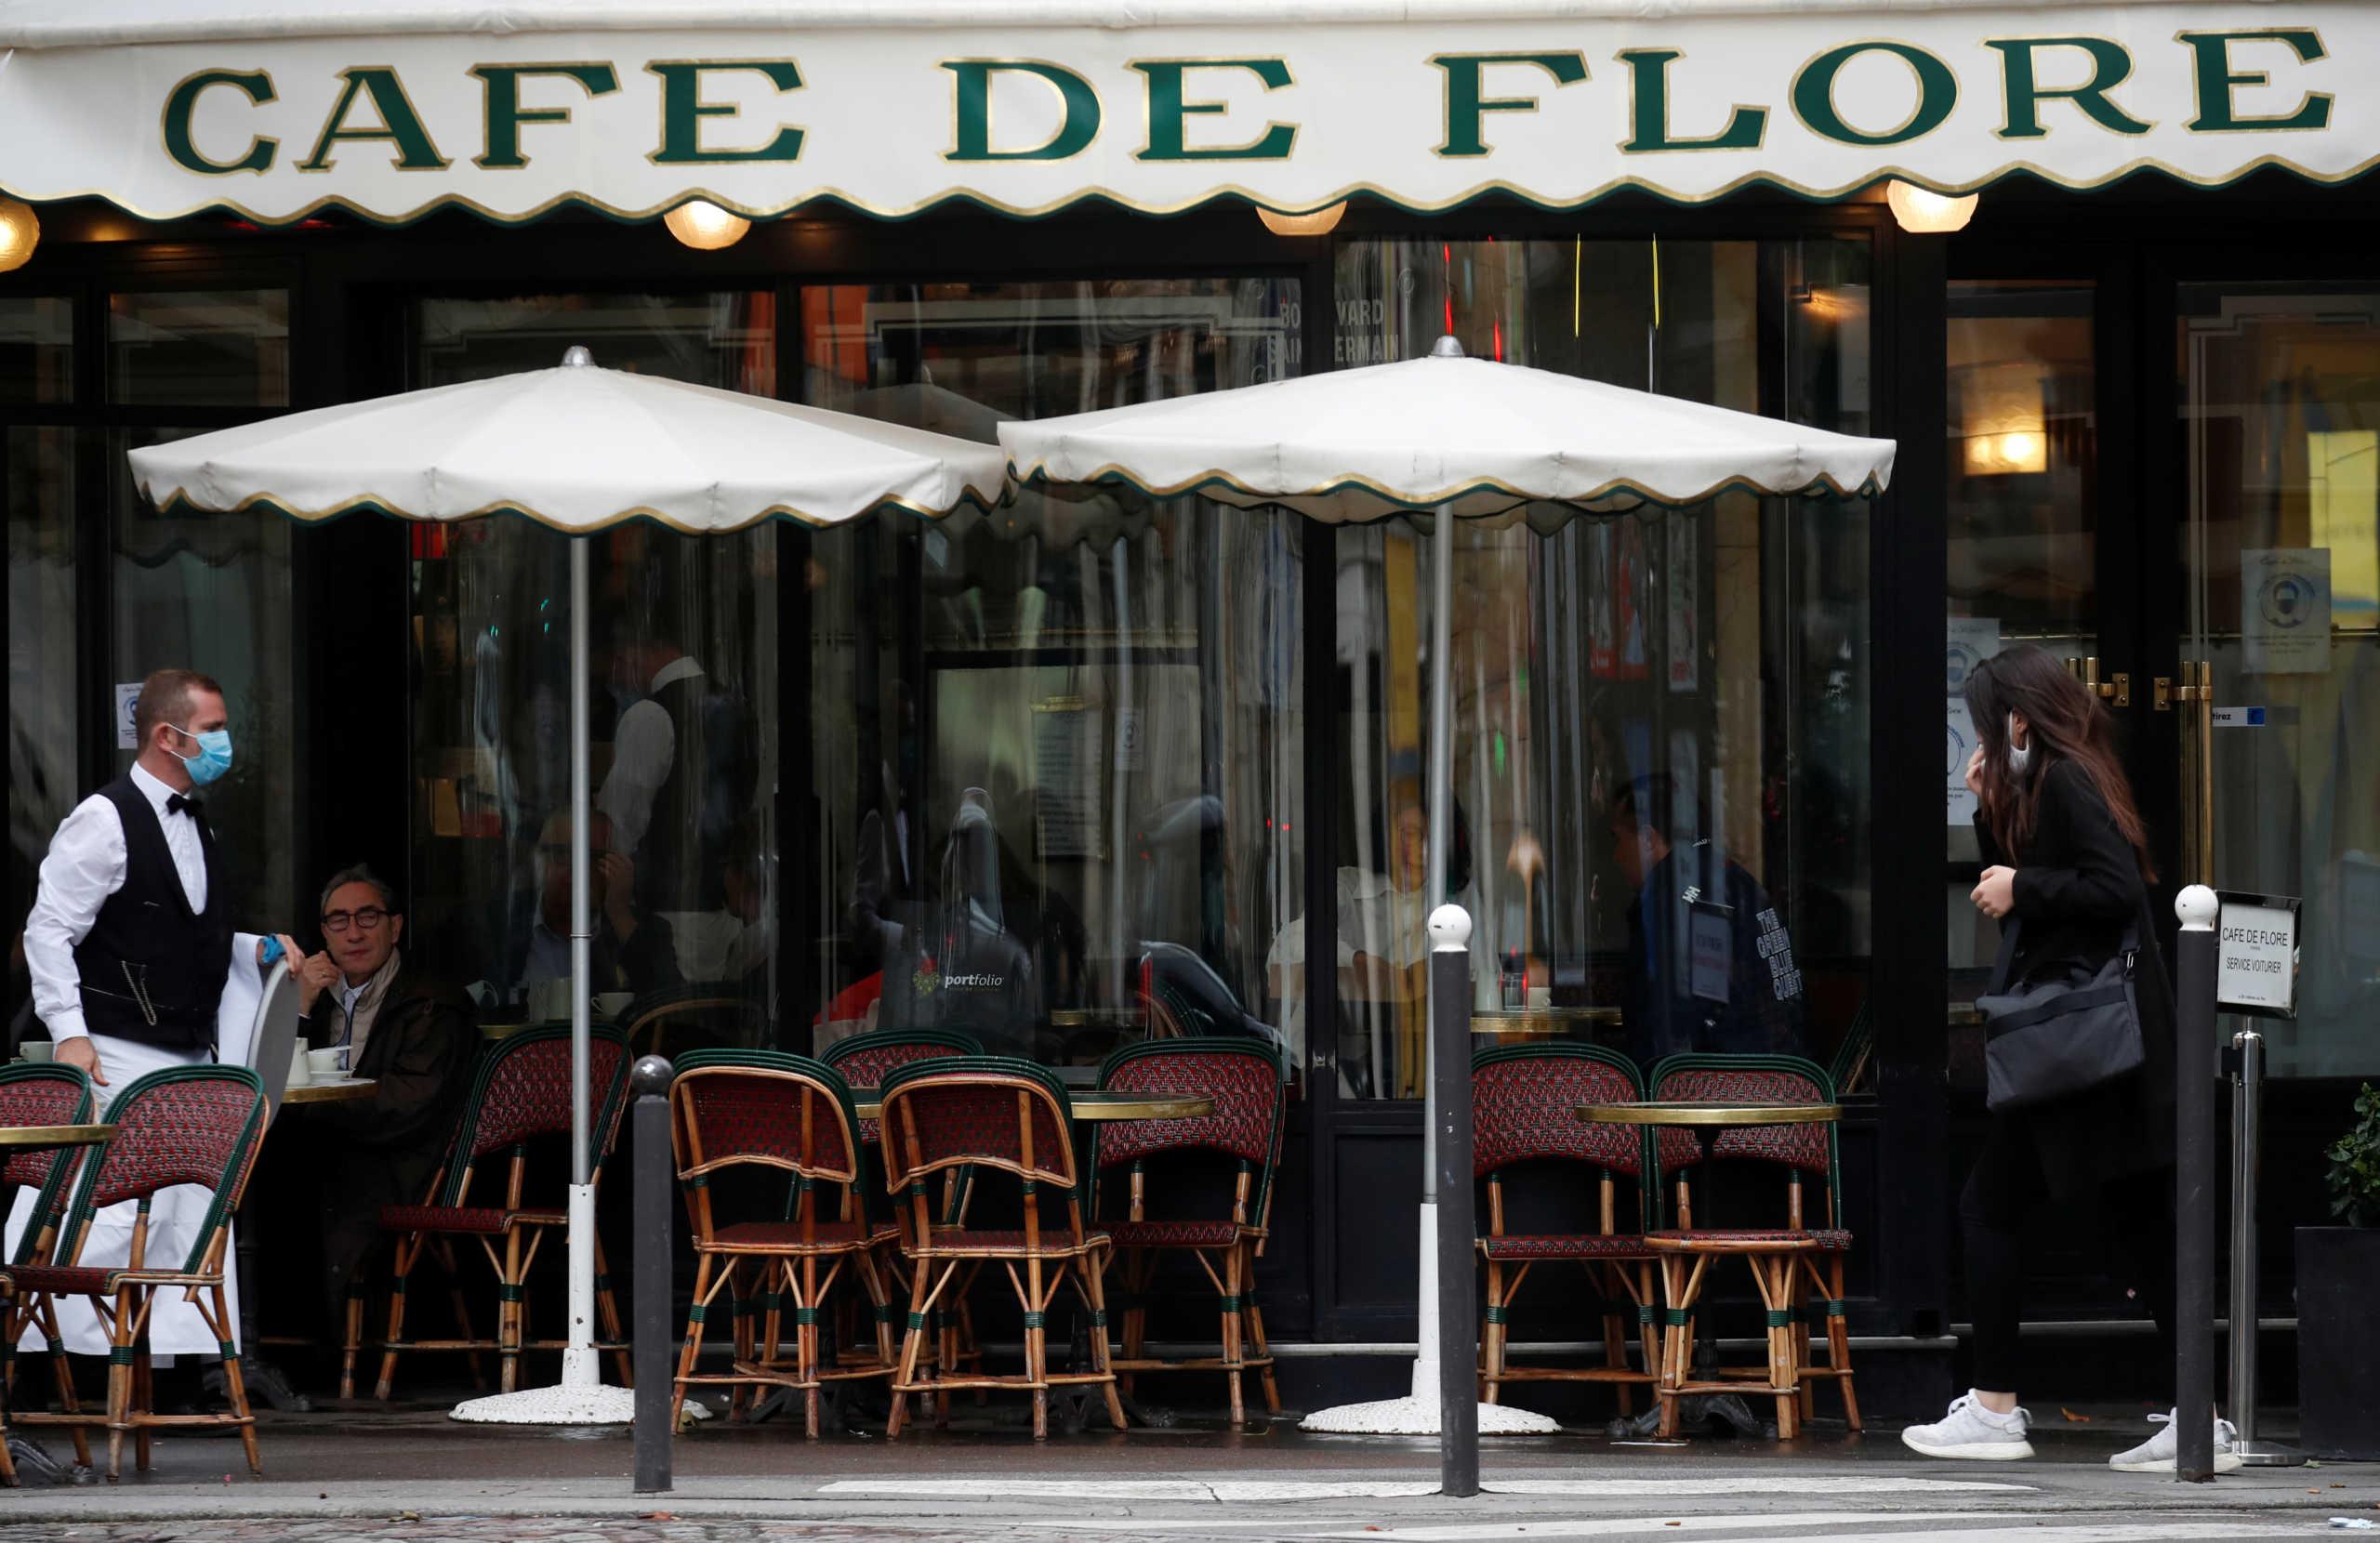 Γαλλία: Πιθανό να μην χρειαστεί ξανά lockdown – 4 εκατ. εμβολιασμοί μέχρι τέλος Φεβρουαρίου